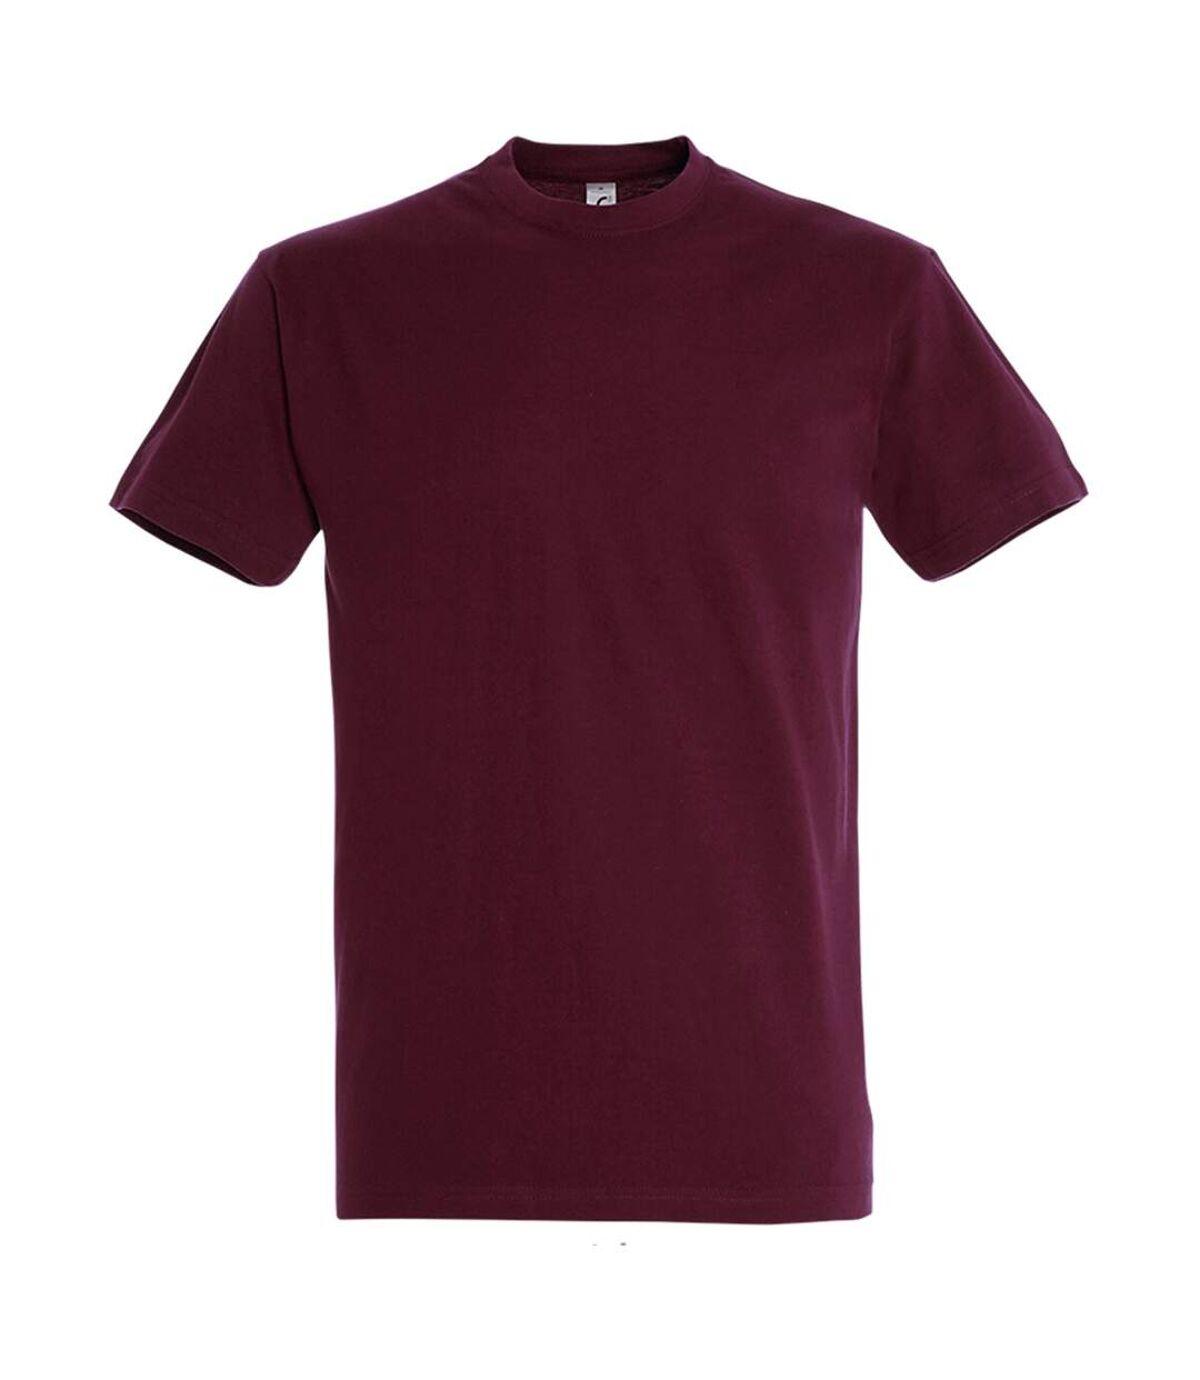 SOLS - T-shirt manches courtes IMPERIAL - Homme (Bordeaux) - UTPC290